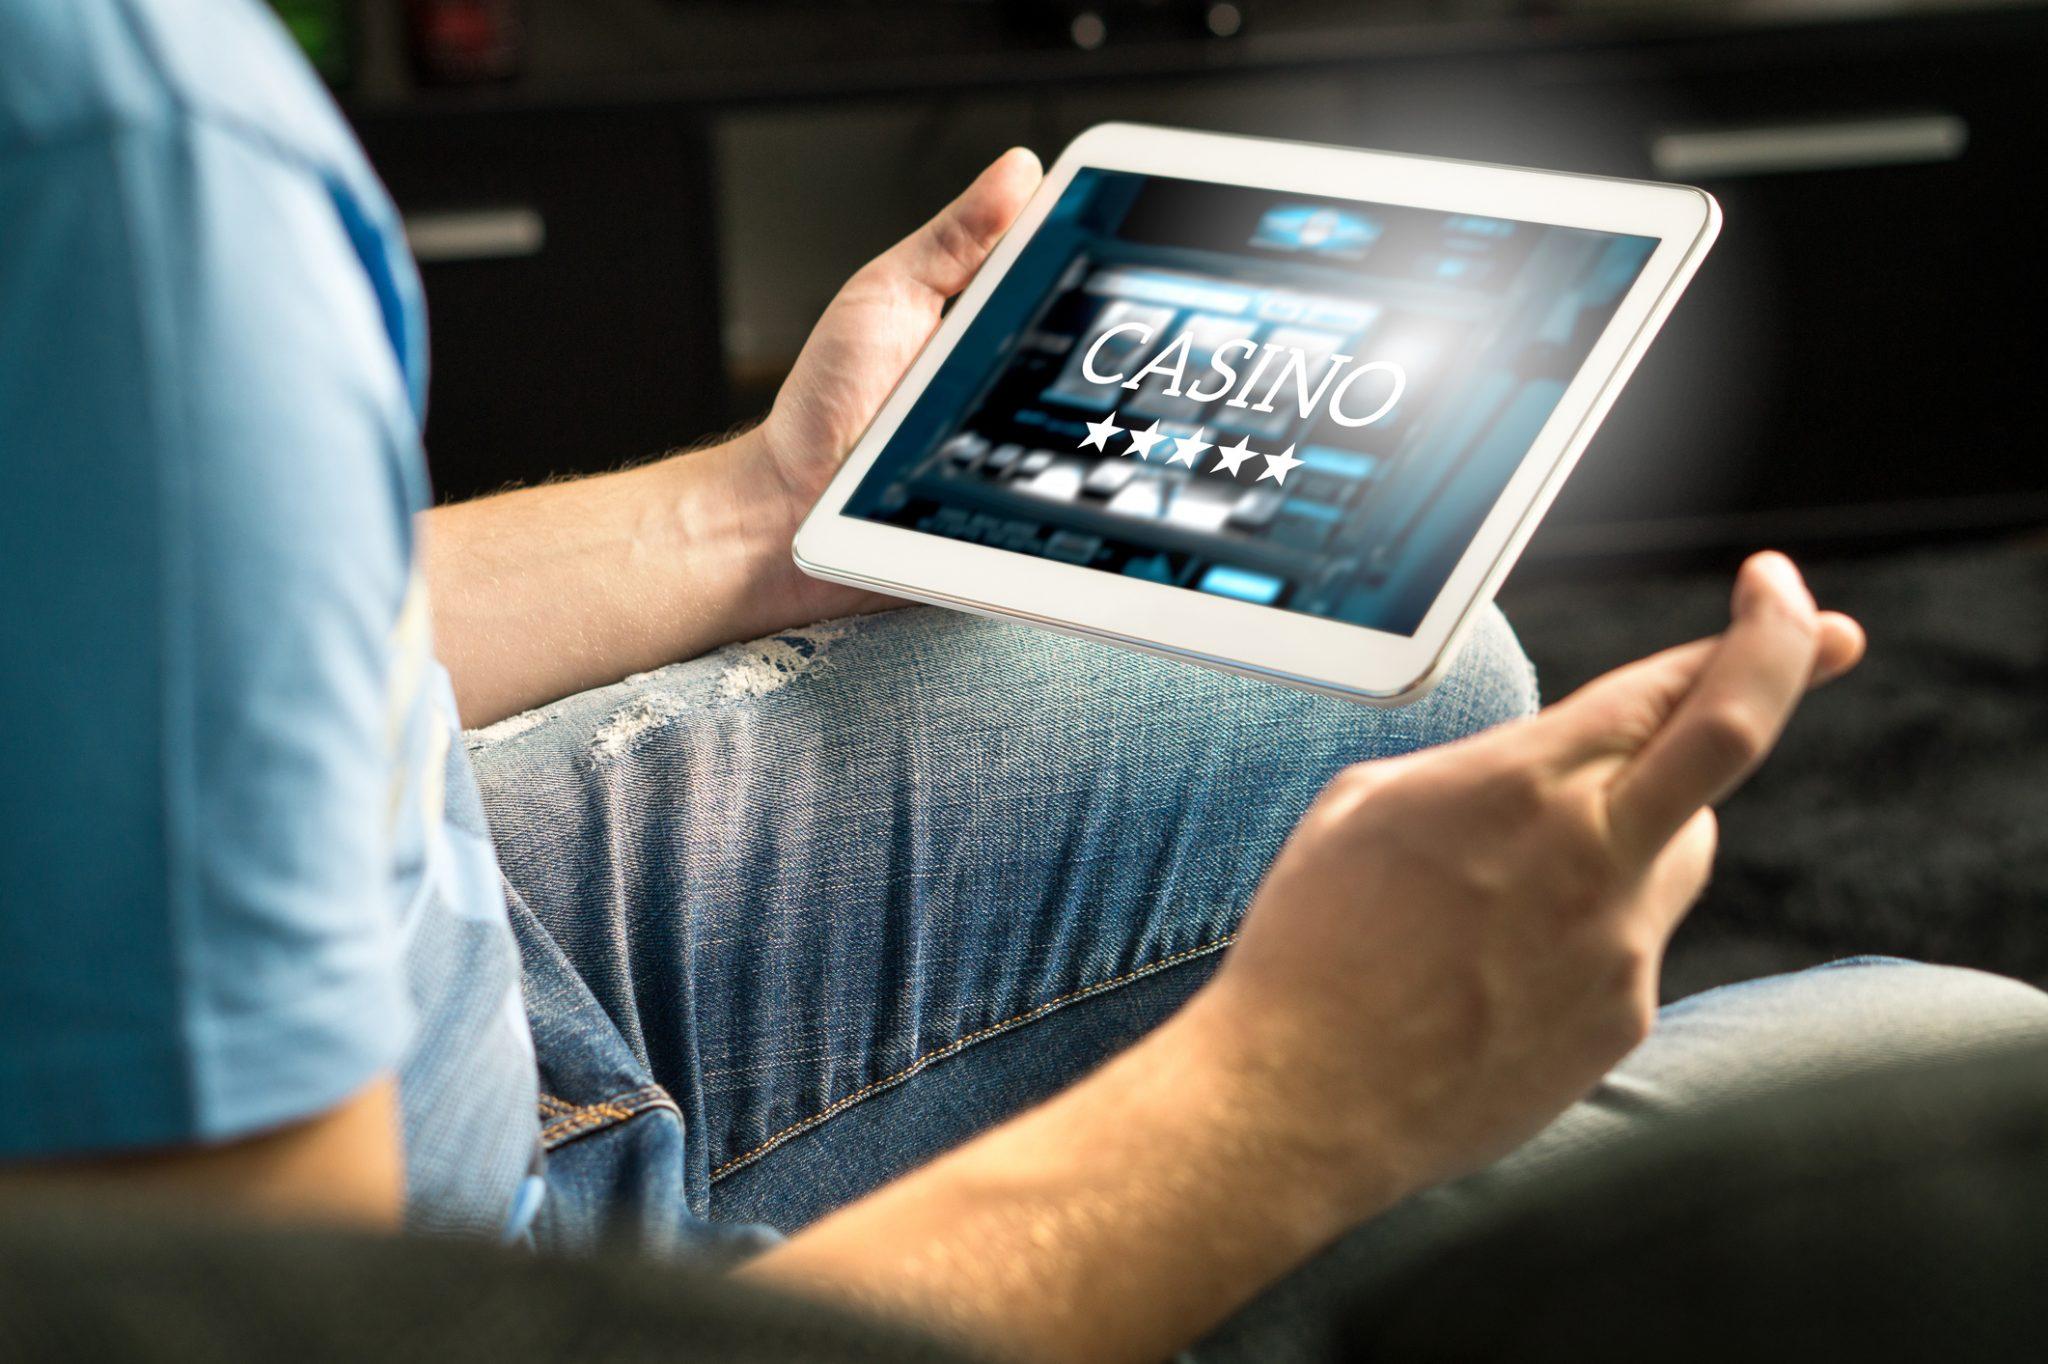 mand spiller online casino på tablet